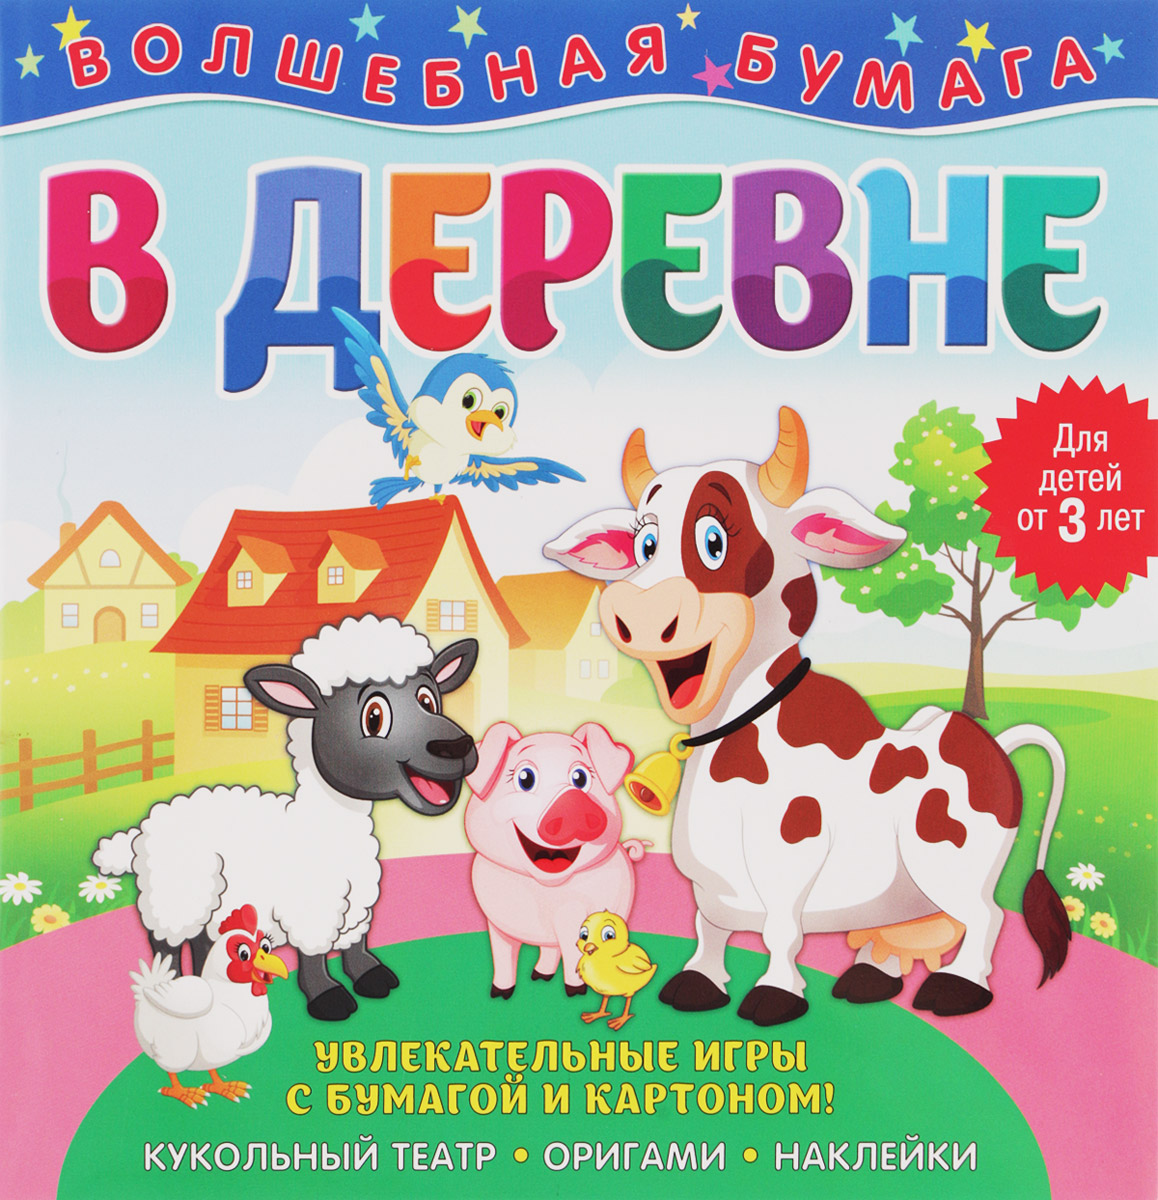 В деревне карлесси м фигурки людей и животных